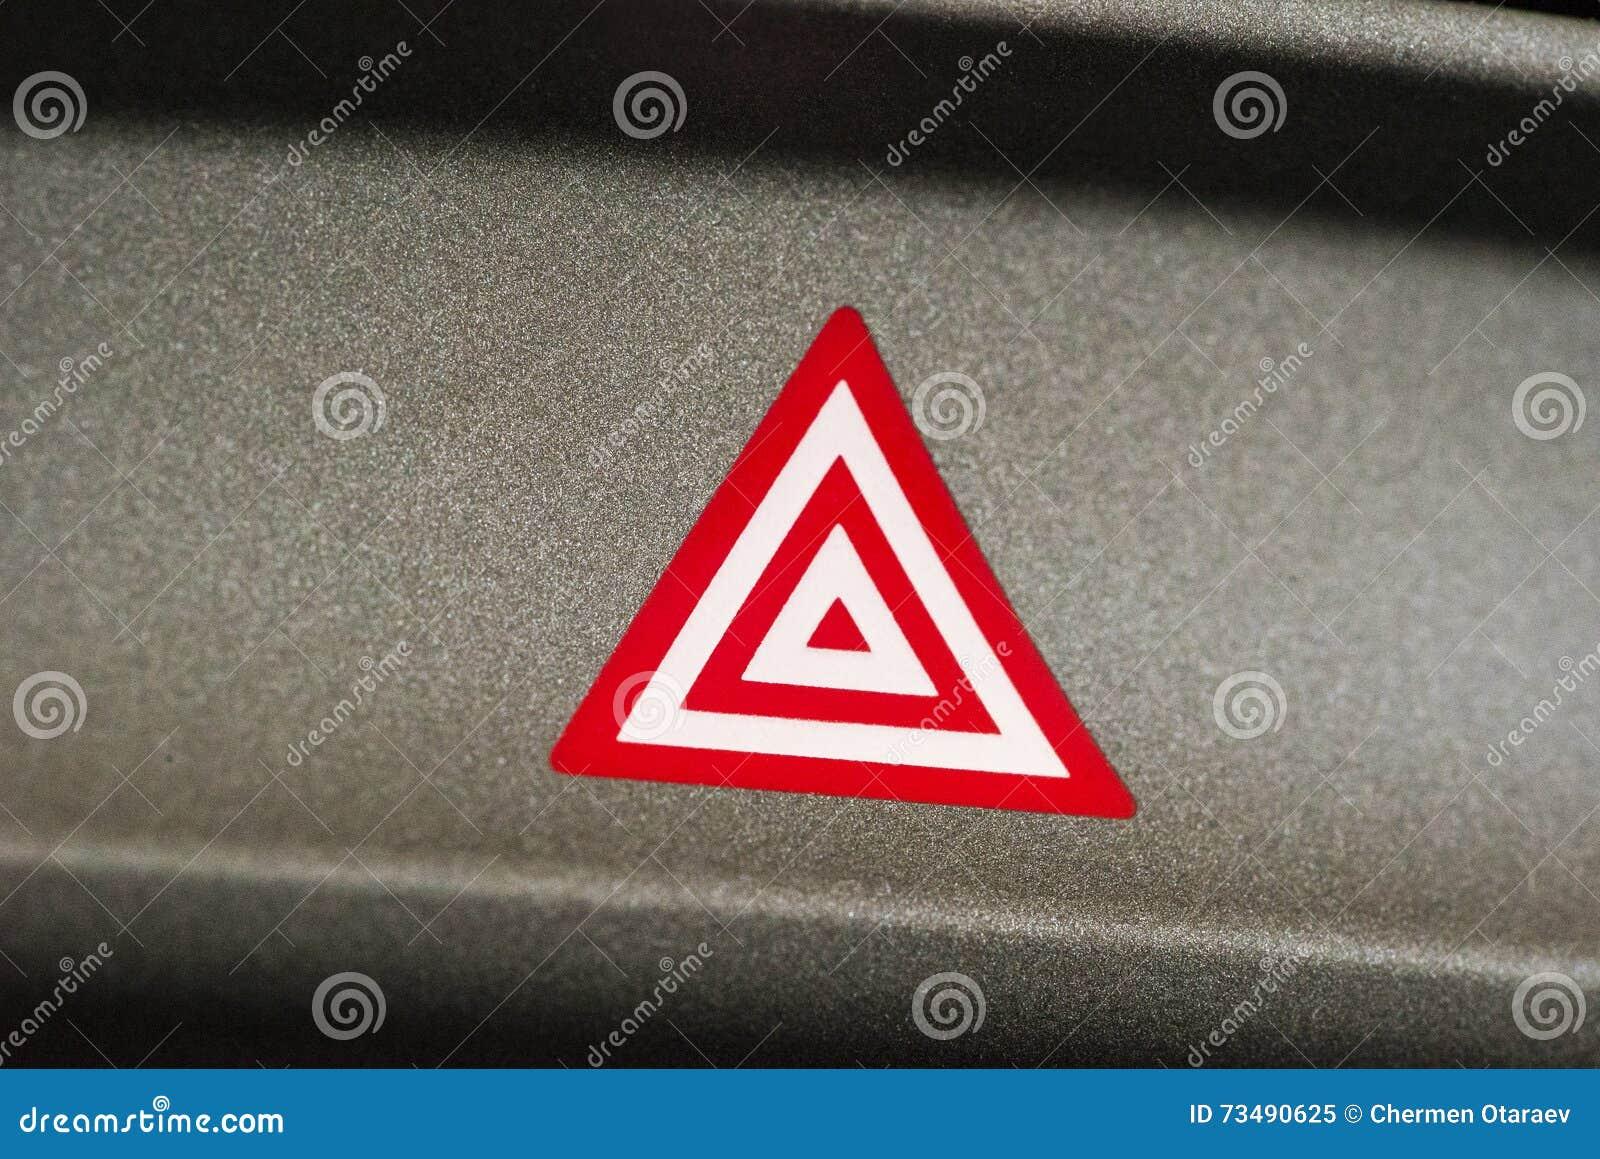 De Aandachts Lichte Knoop Van De Autonoodsituatie In Rode Driehoek